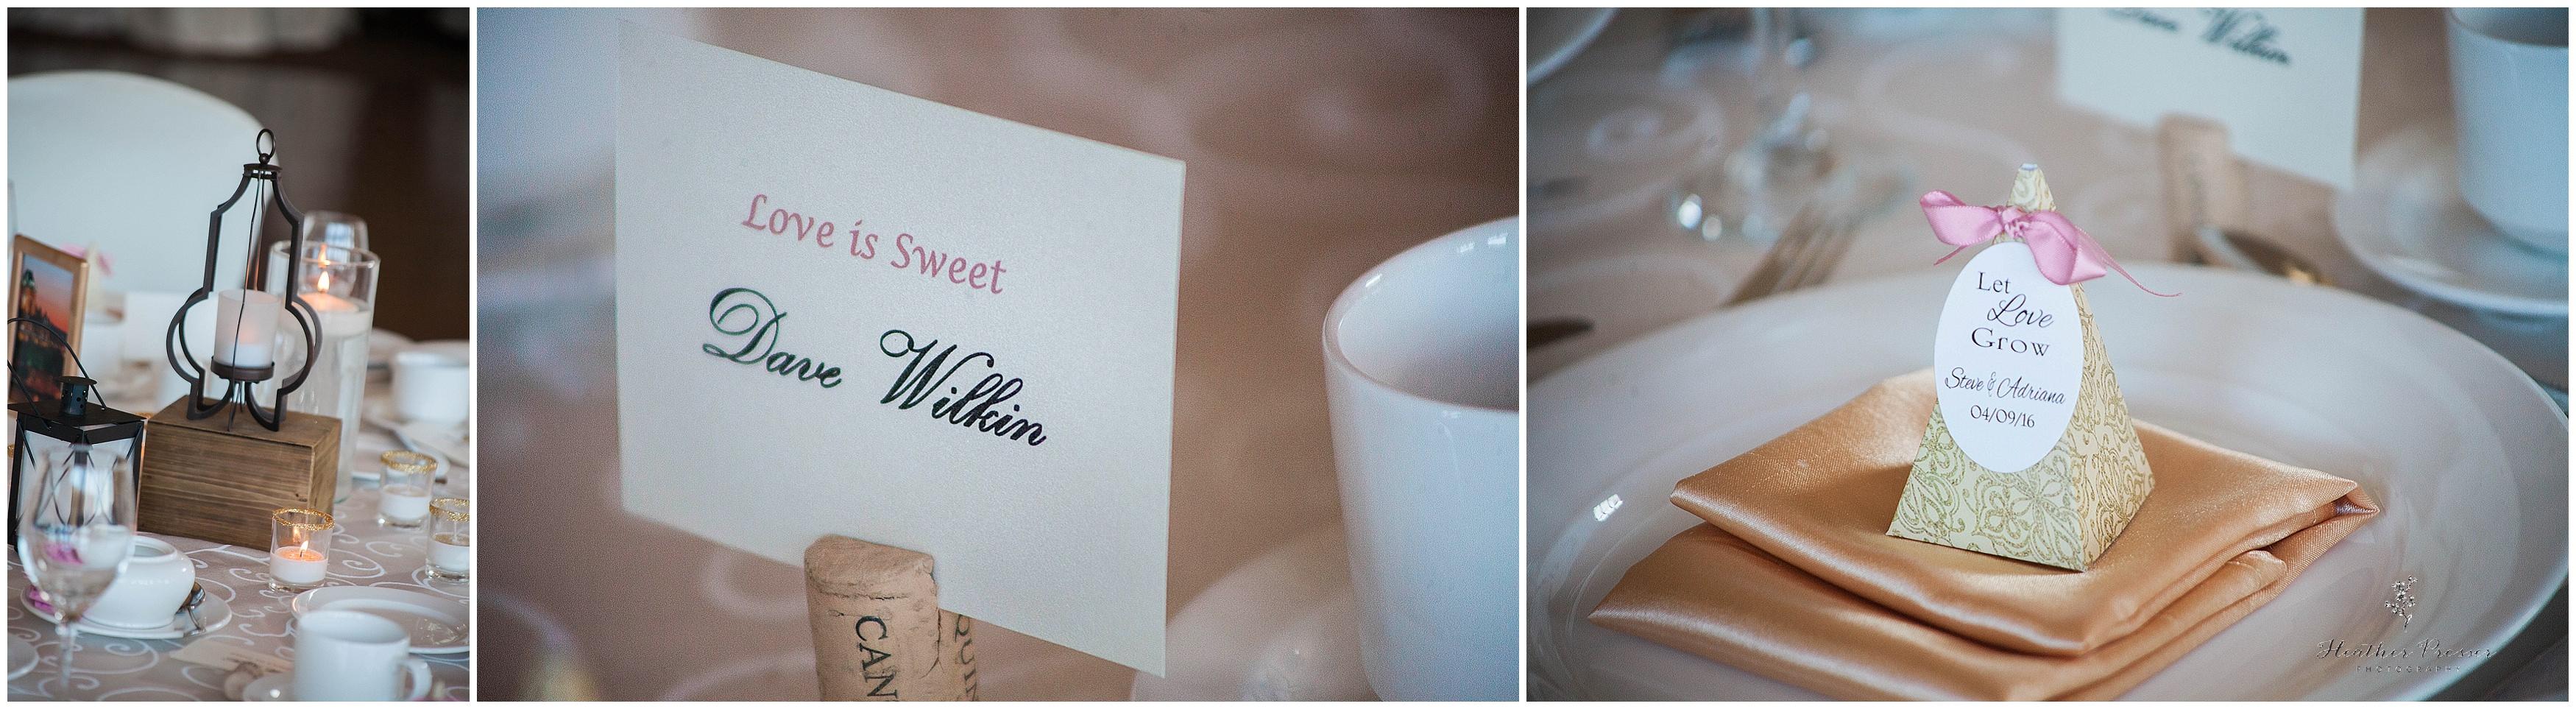 NestletonWatersInn-wedding_0125.jpg